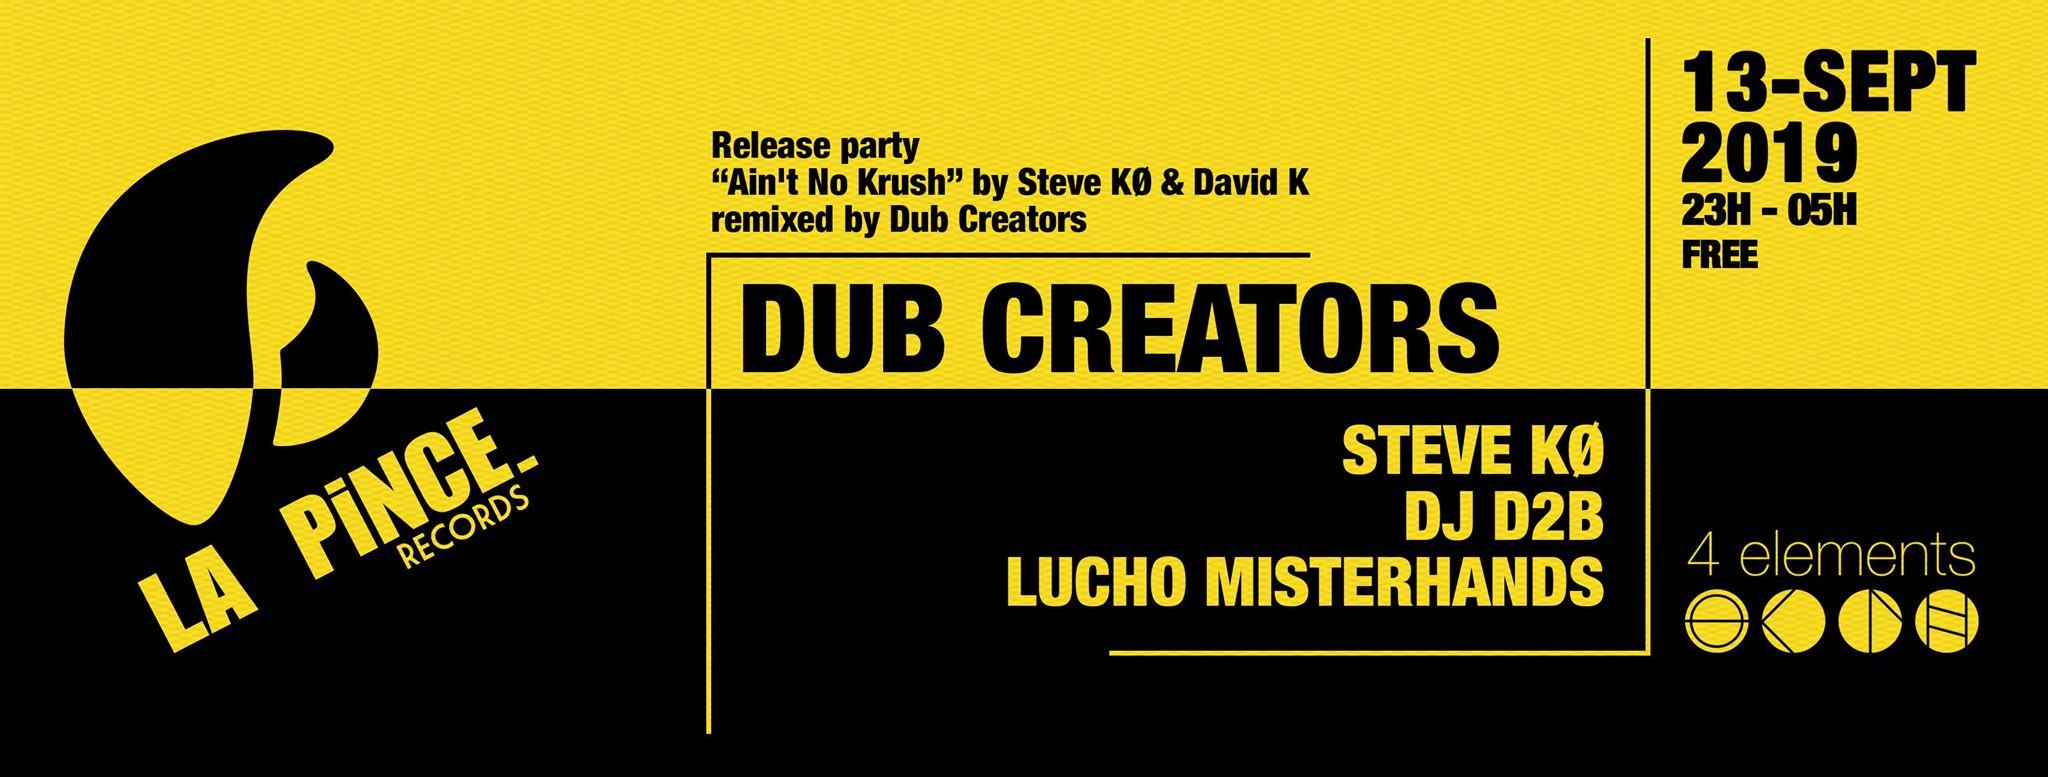 Dub Creators – 4elements – Release Party